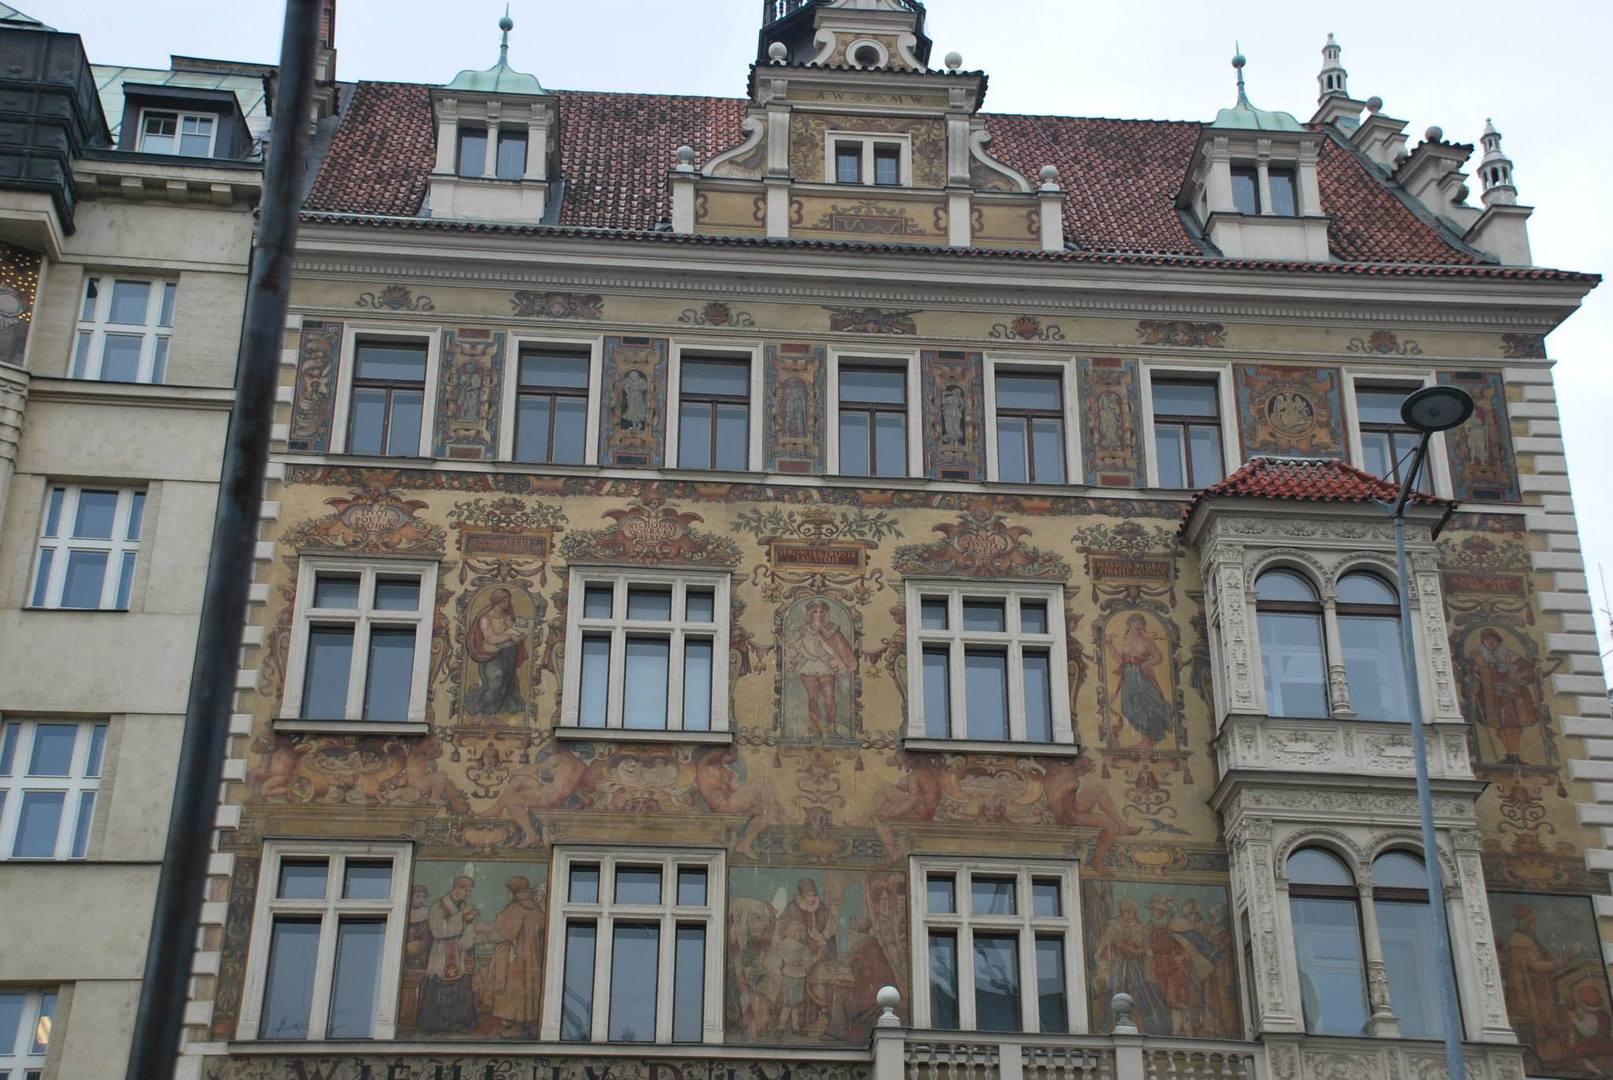 מלון אירופה המעוטר בציורים